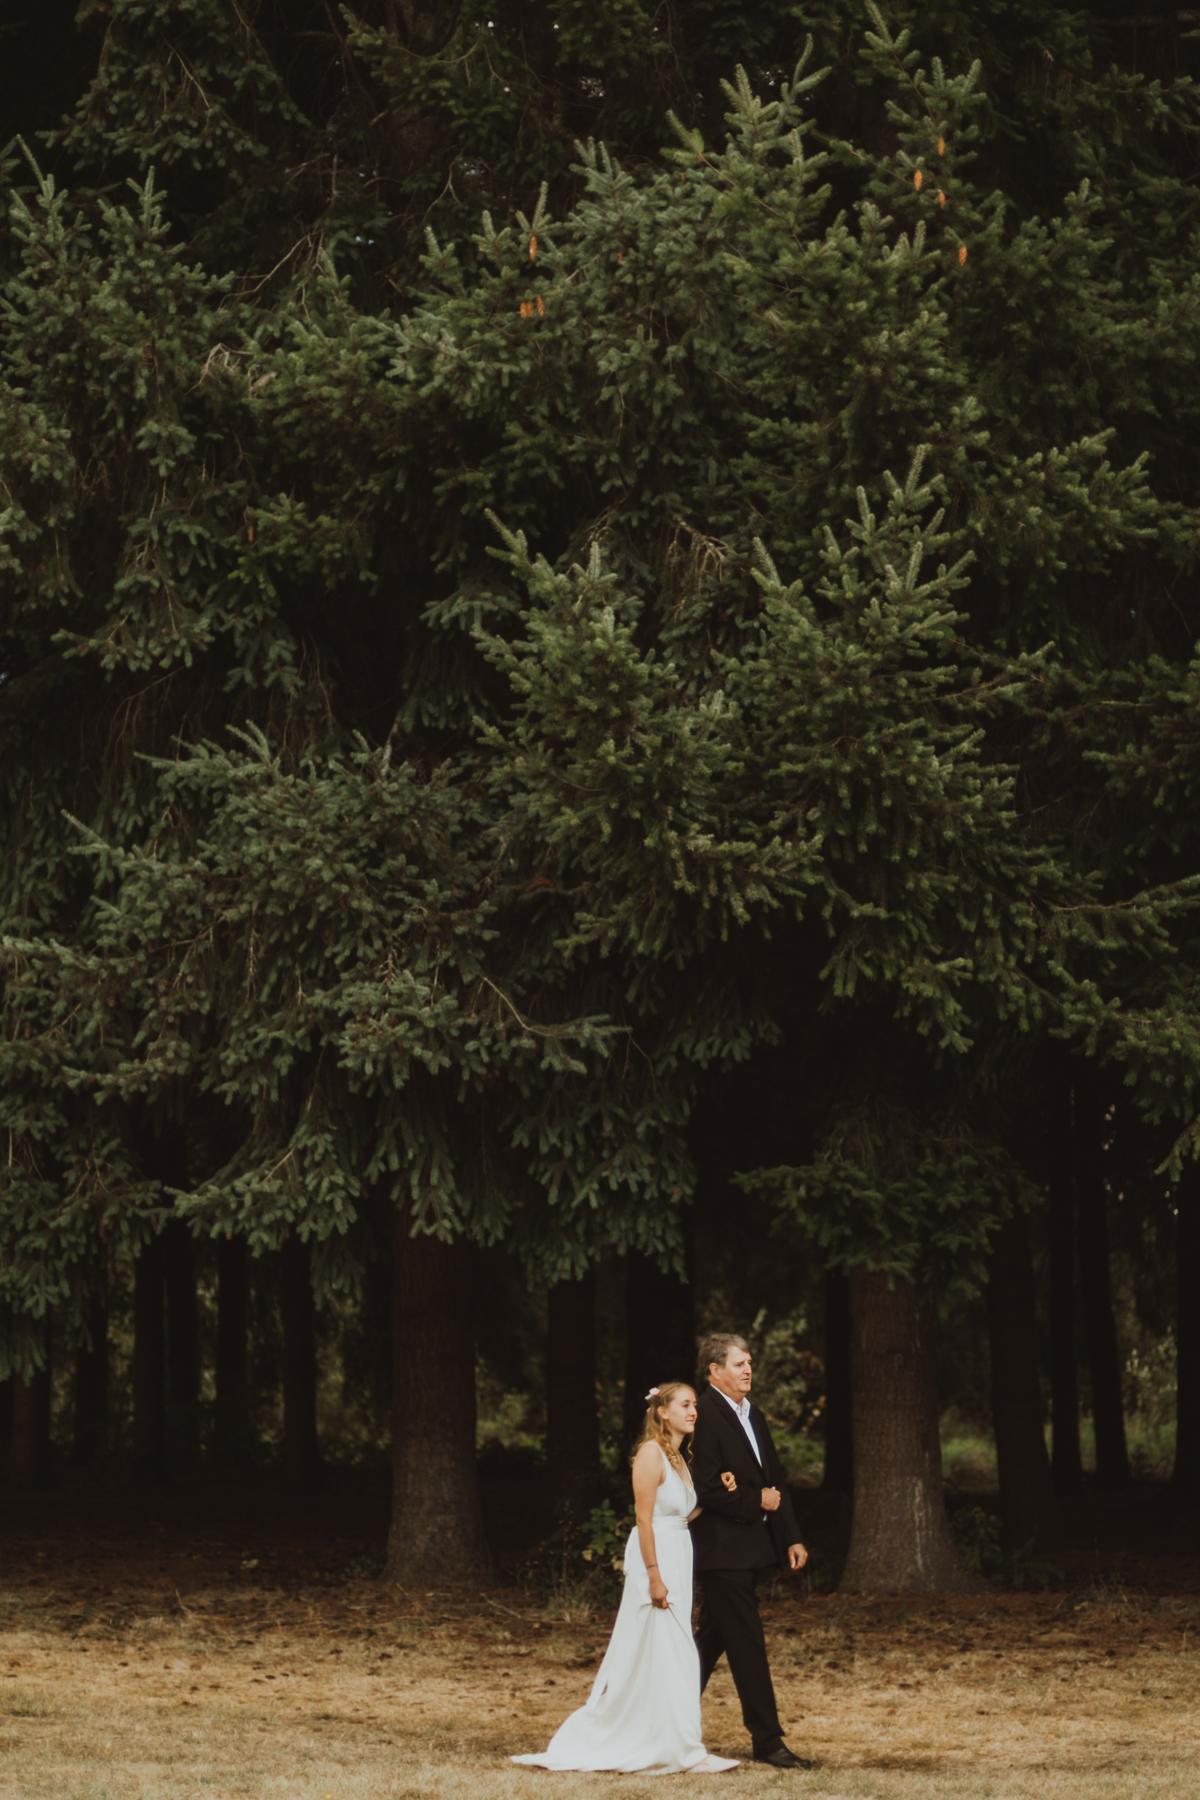 WB 09.16.18   Galizia Wedding 0009.JPG